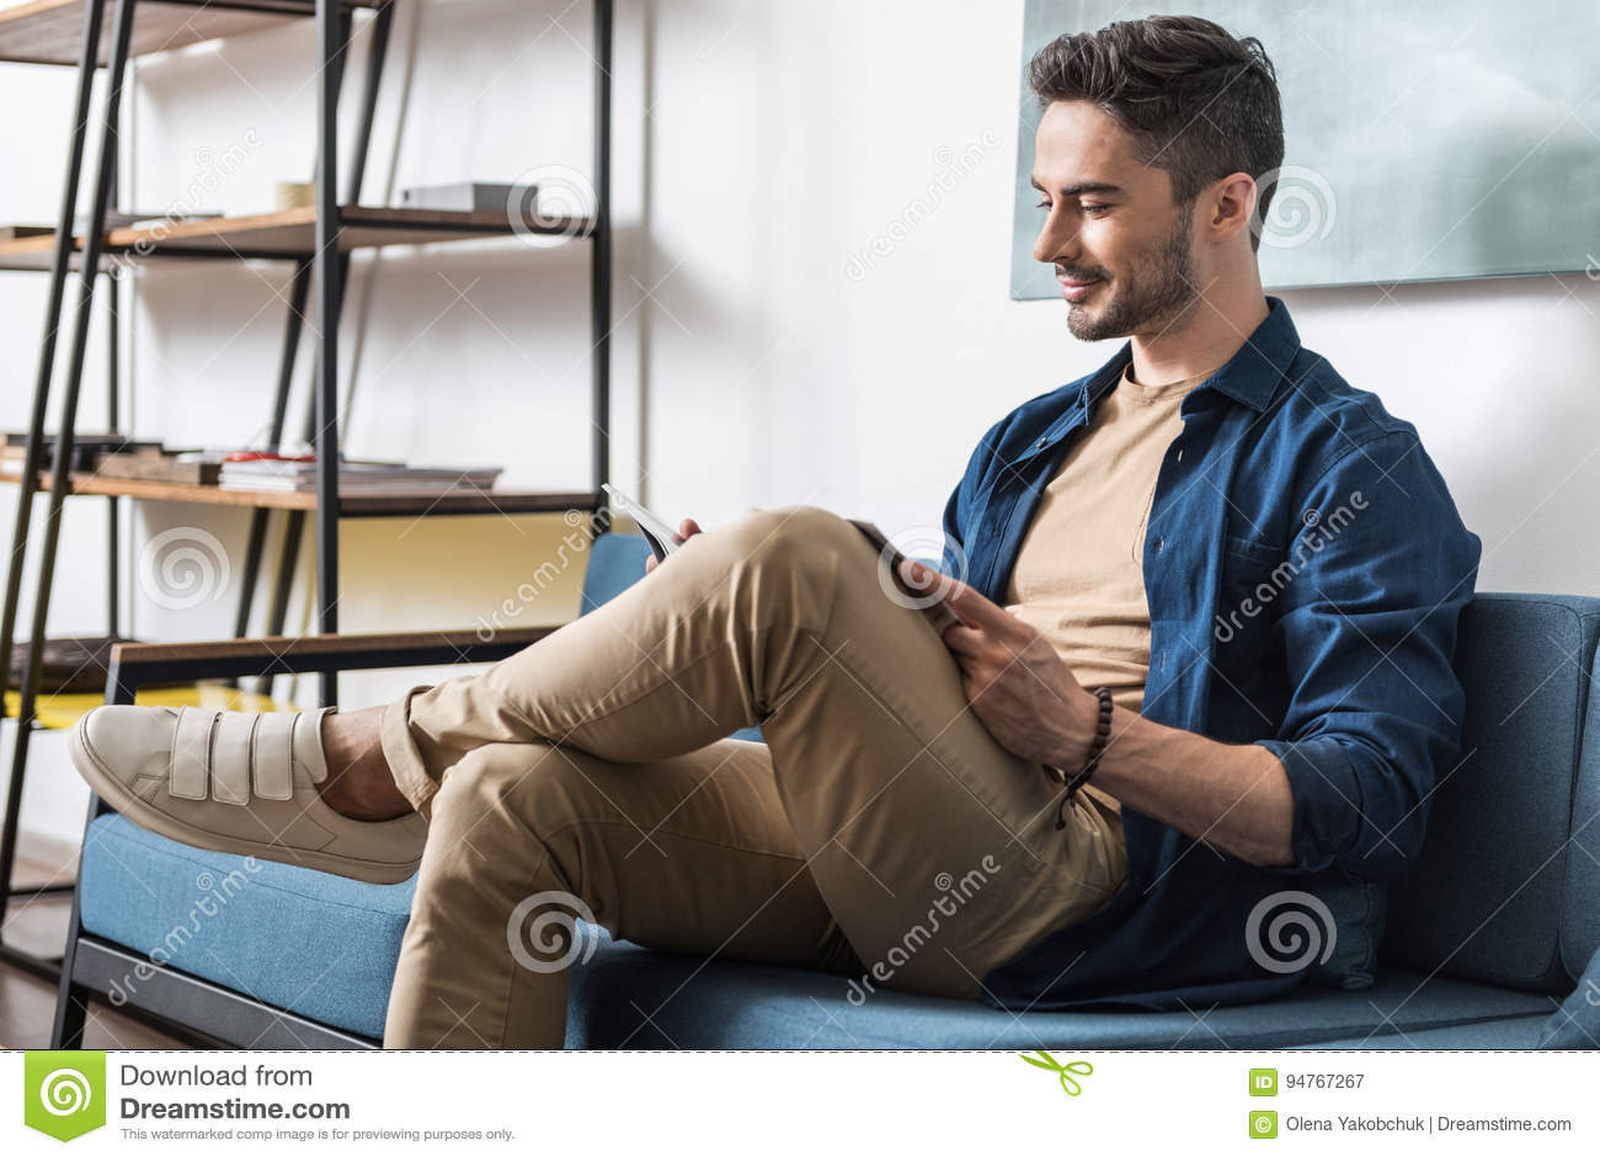 Χαρωπός νεανικός γενειοφόρος τύπος που ξοδεύει τον ελεύθερο χρόνο μέσα στο διαμέρισμα